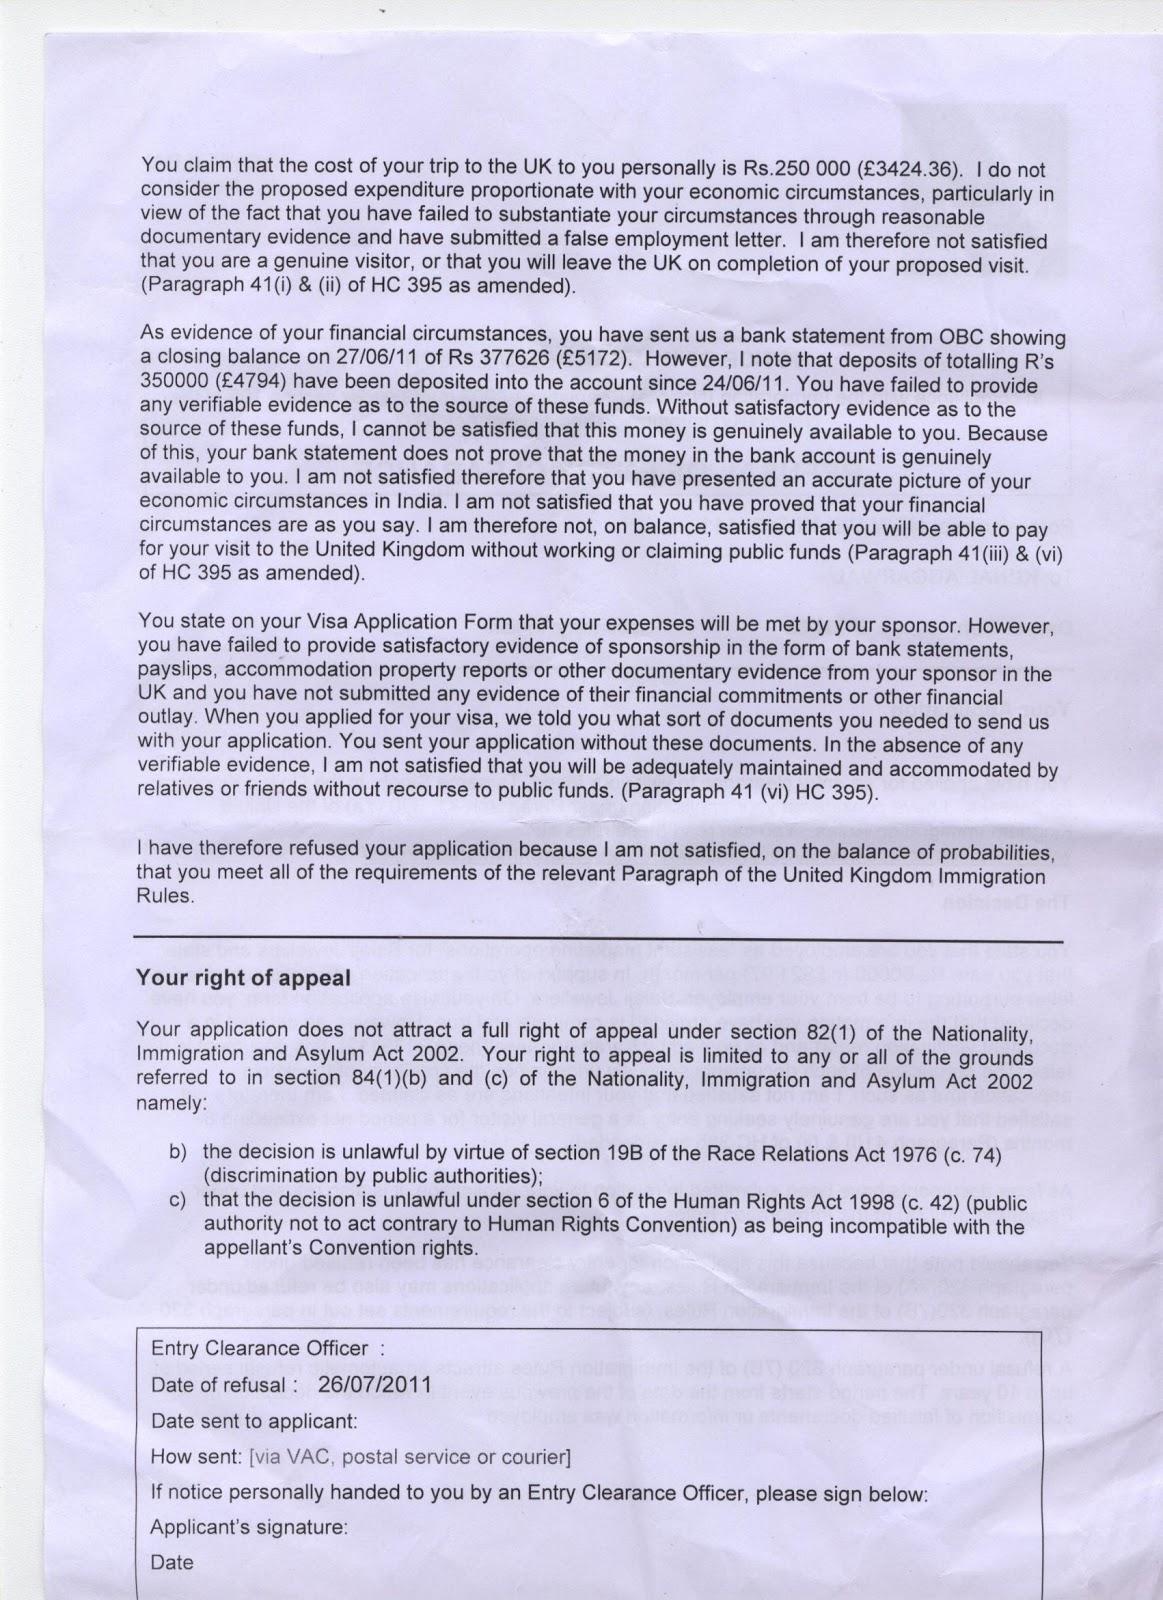 status of uk visa application